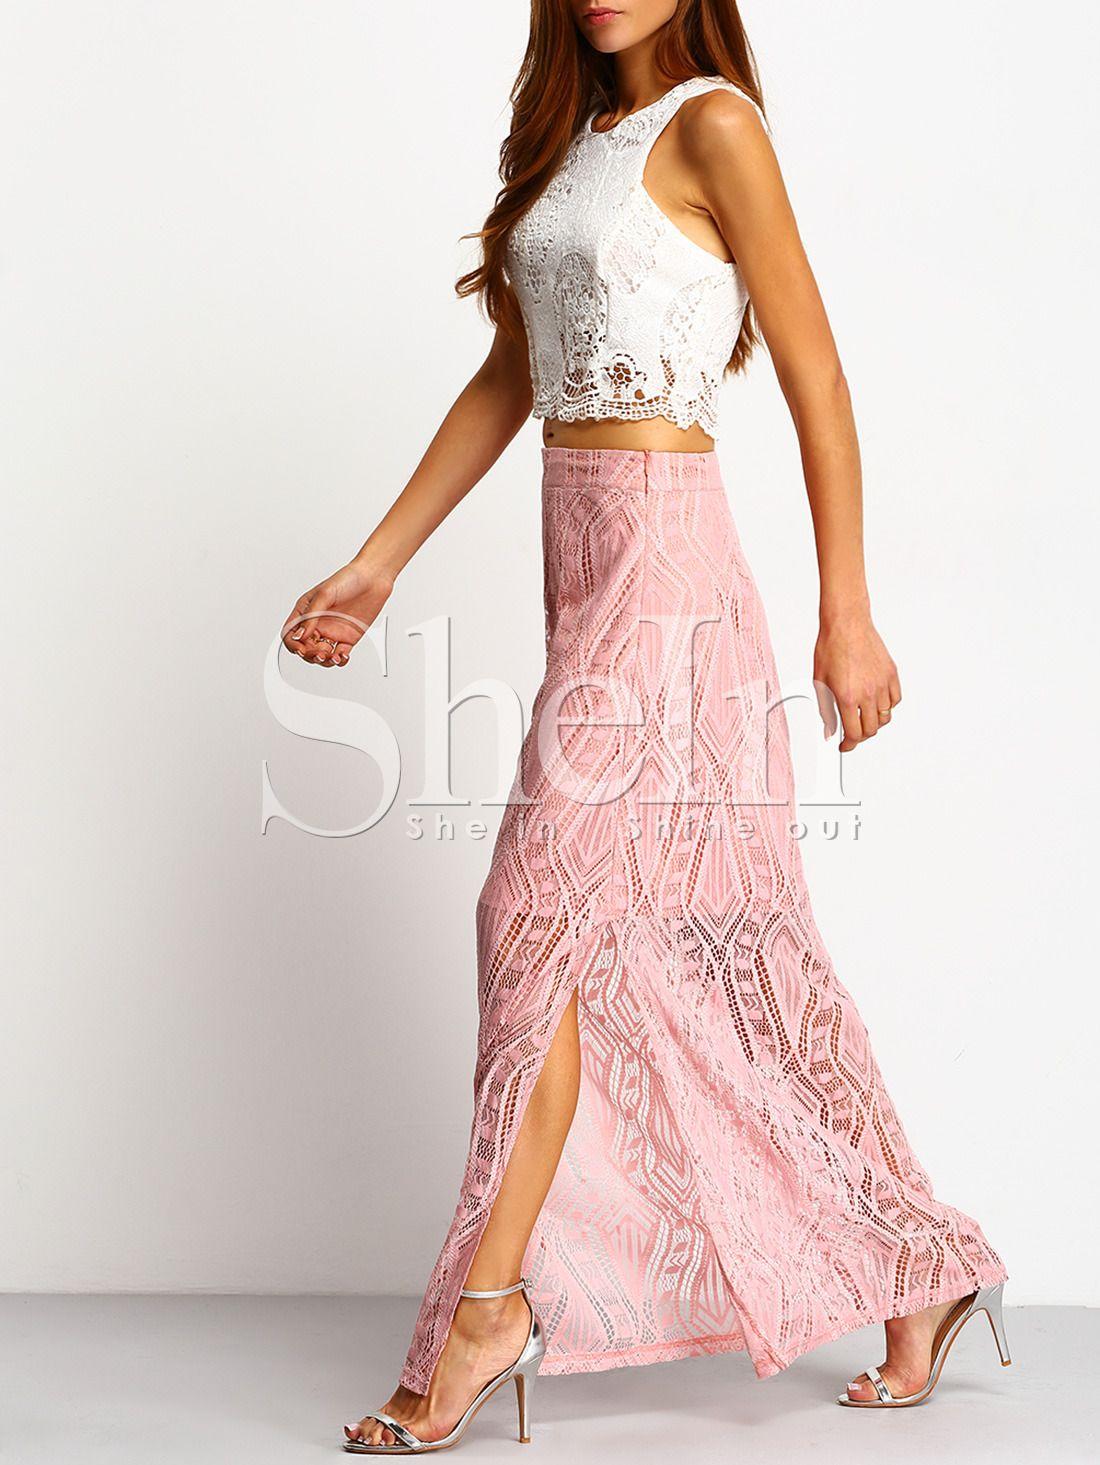 Falda hueco encaje con abertura larga-(Sheinside) | Faldas ...